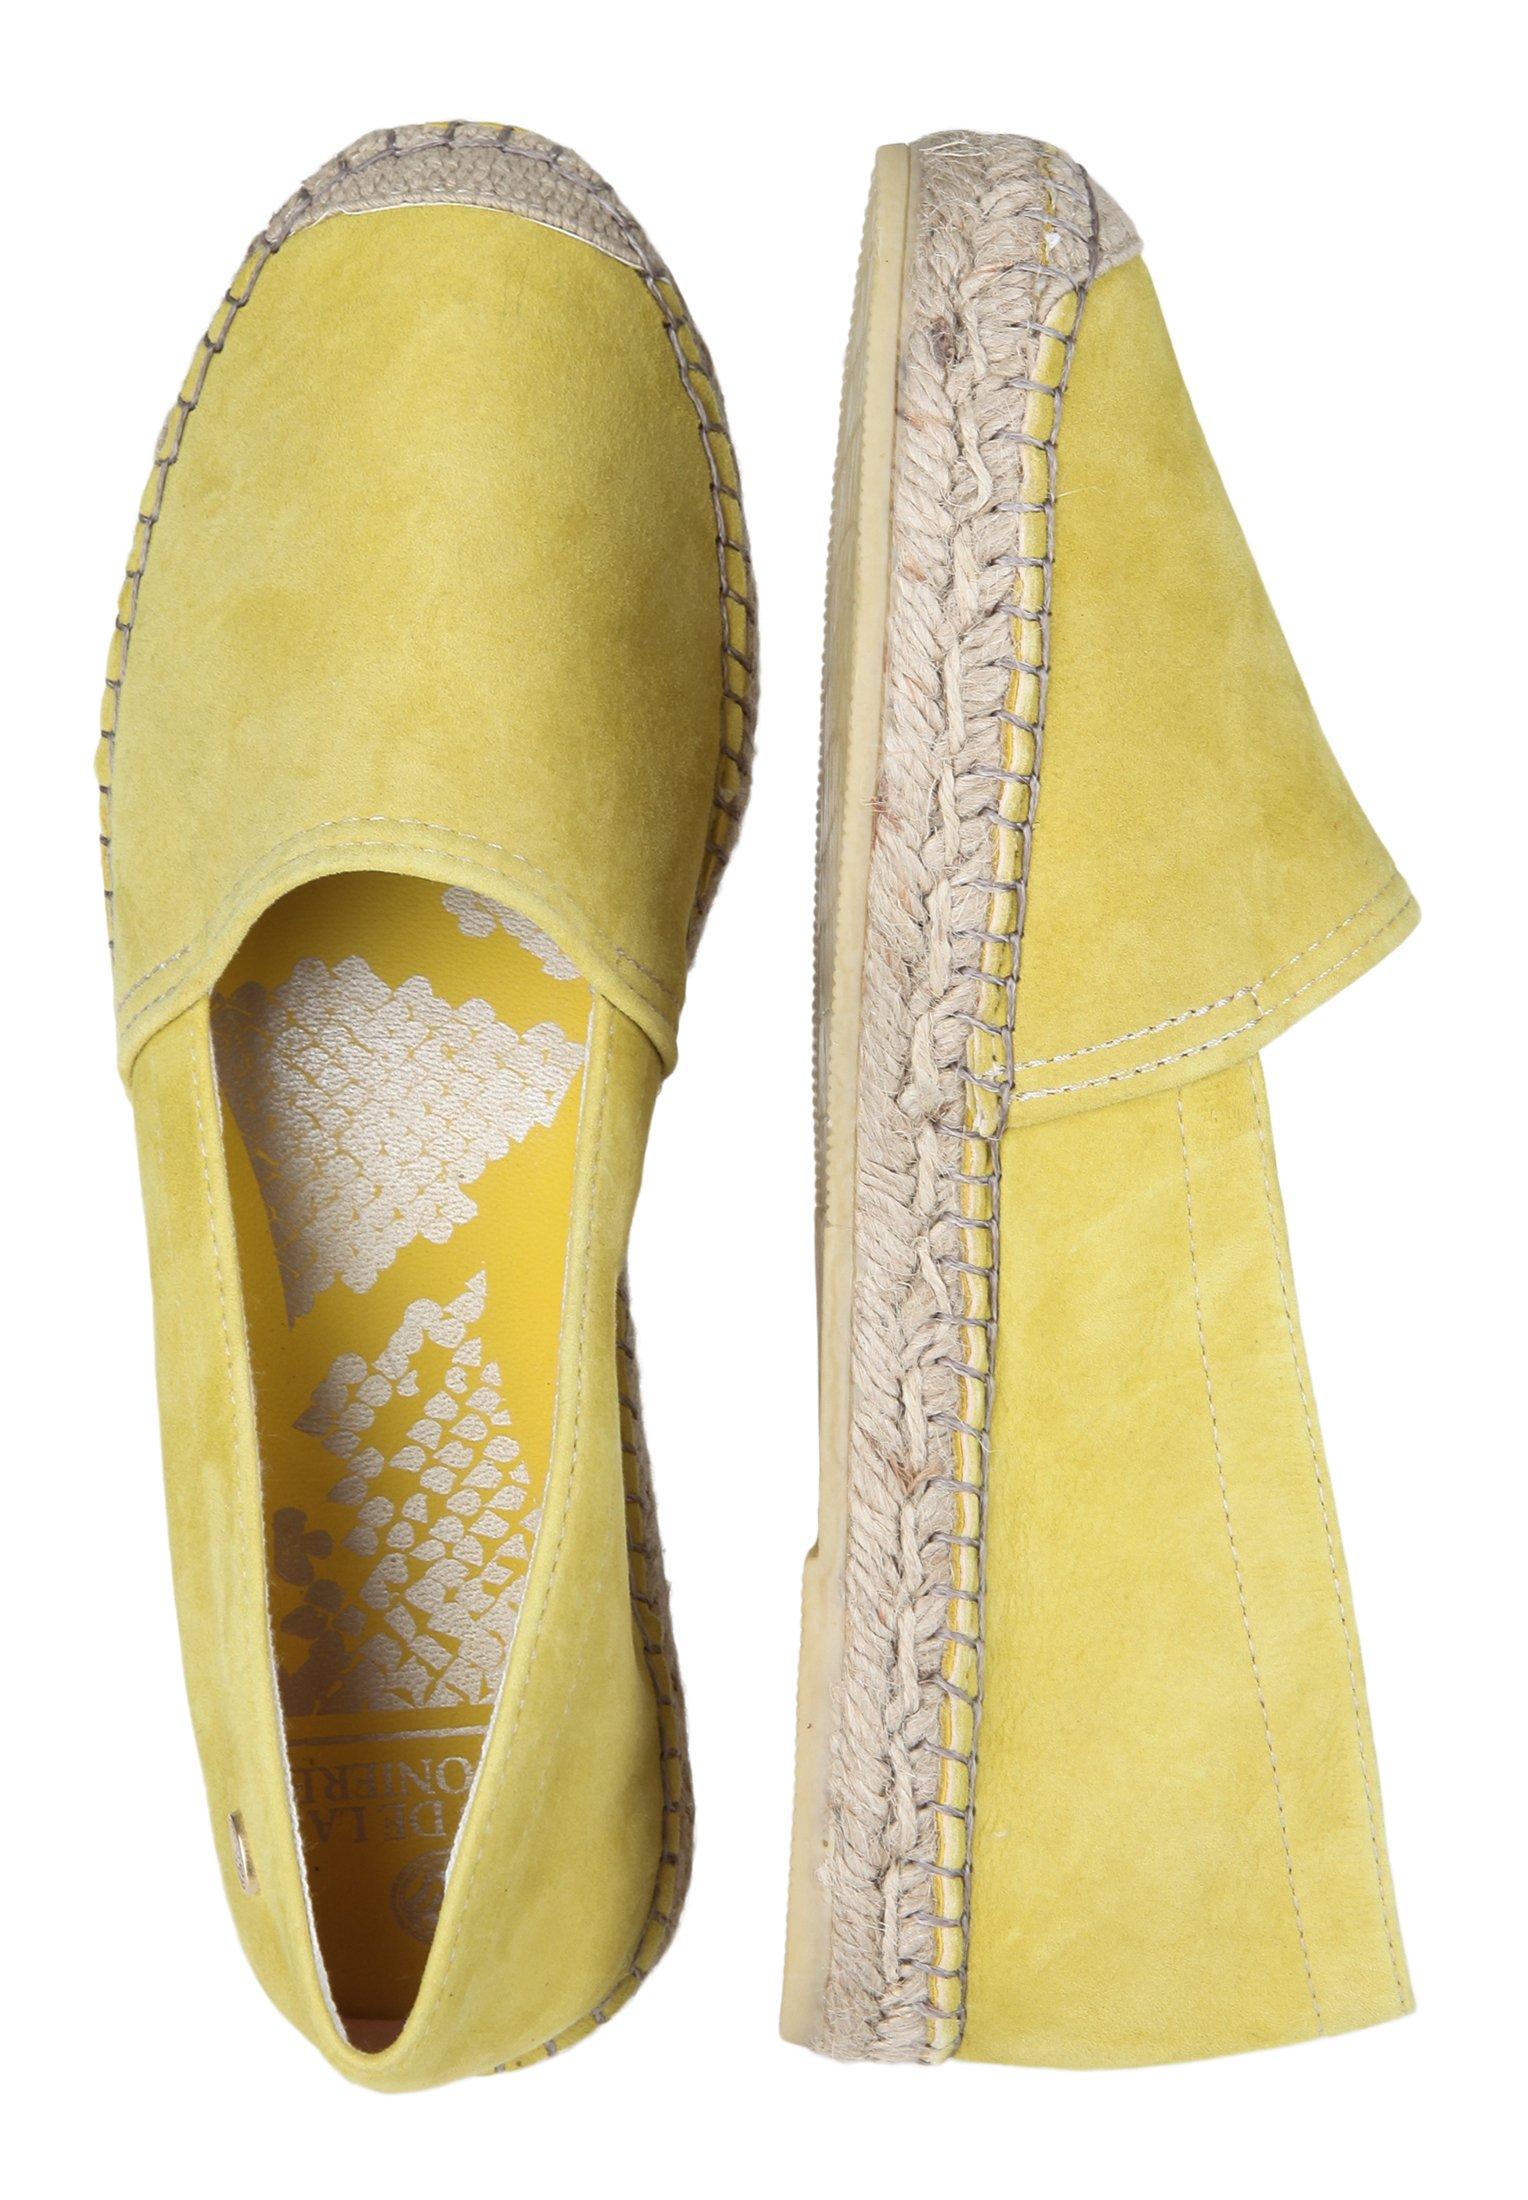 Fred De La Bretoniere Espadrille Loafer - Espadrilles Yellow